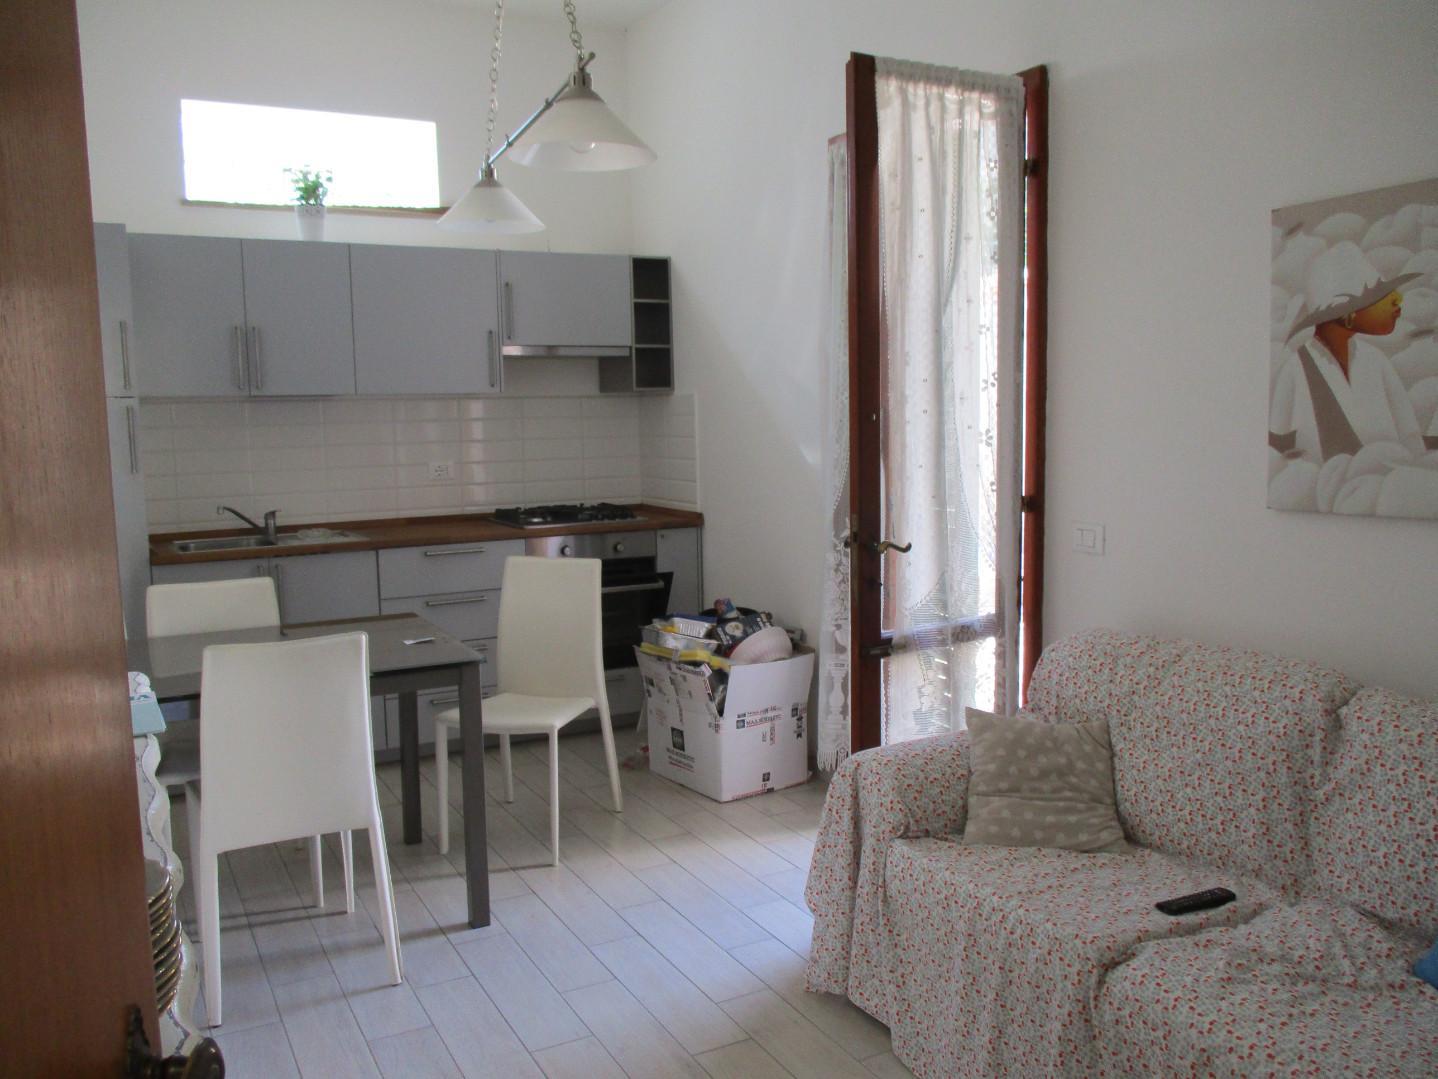 Casa singola a Pontedera